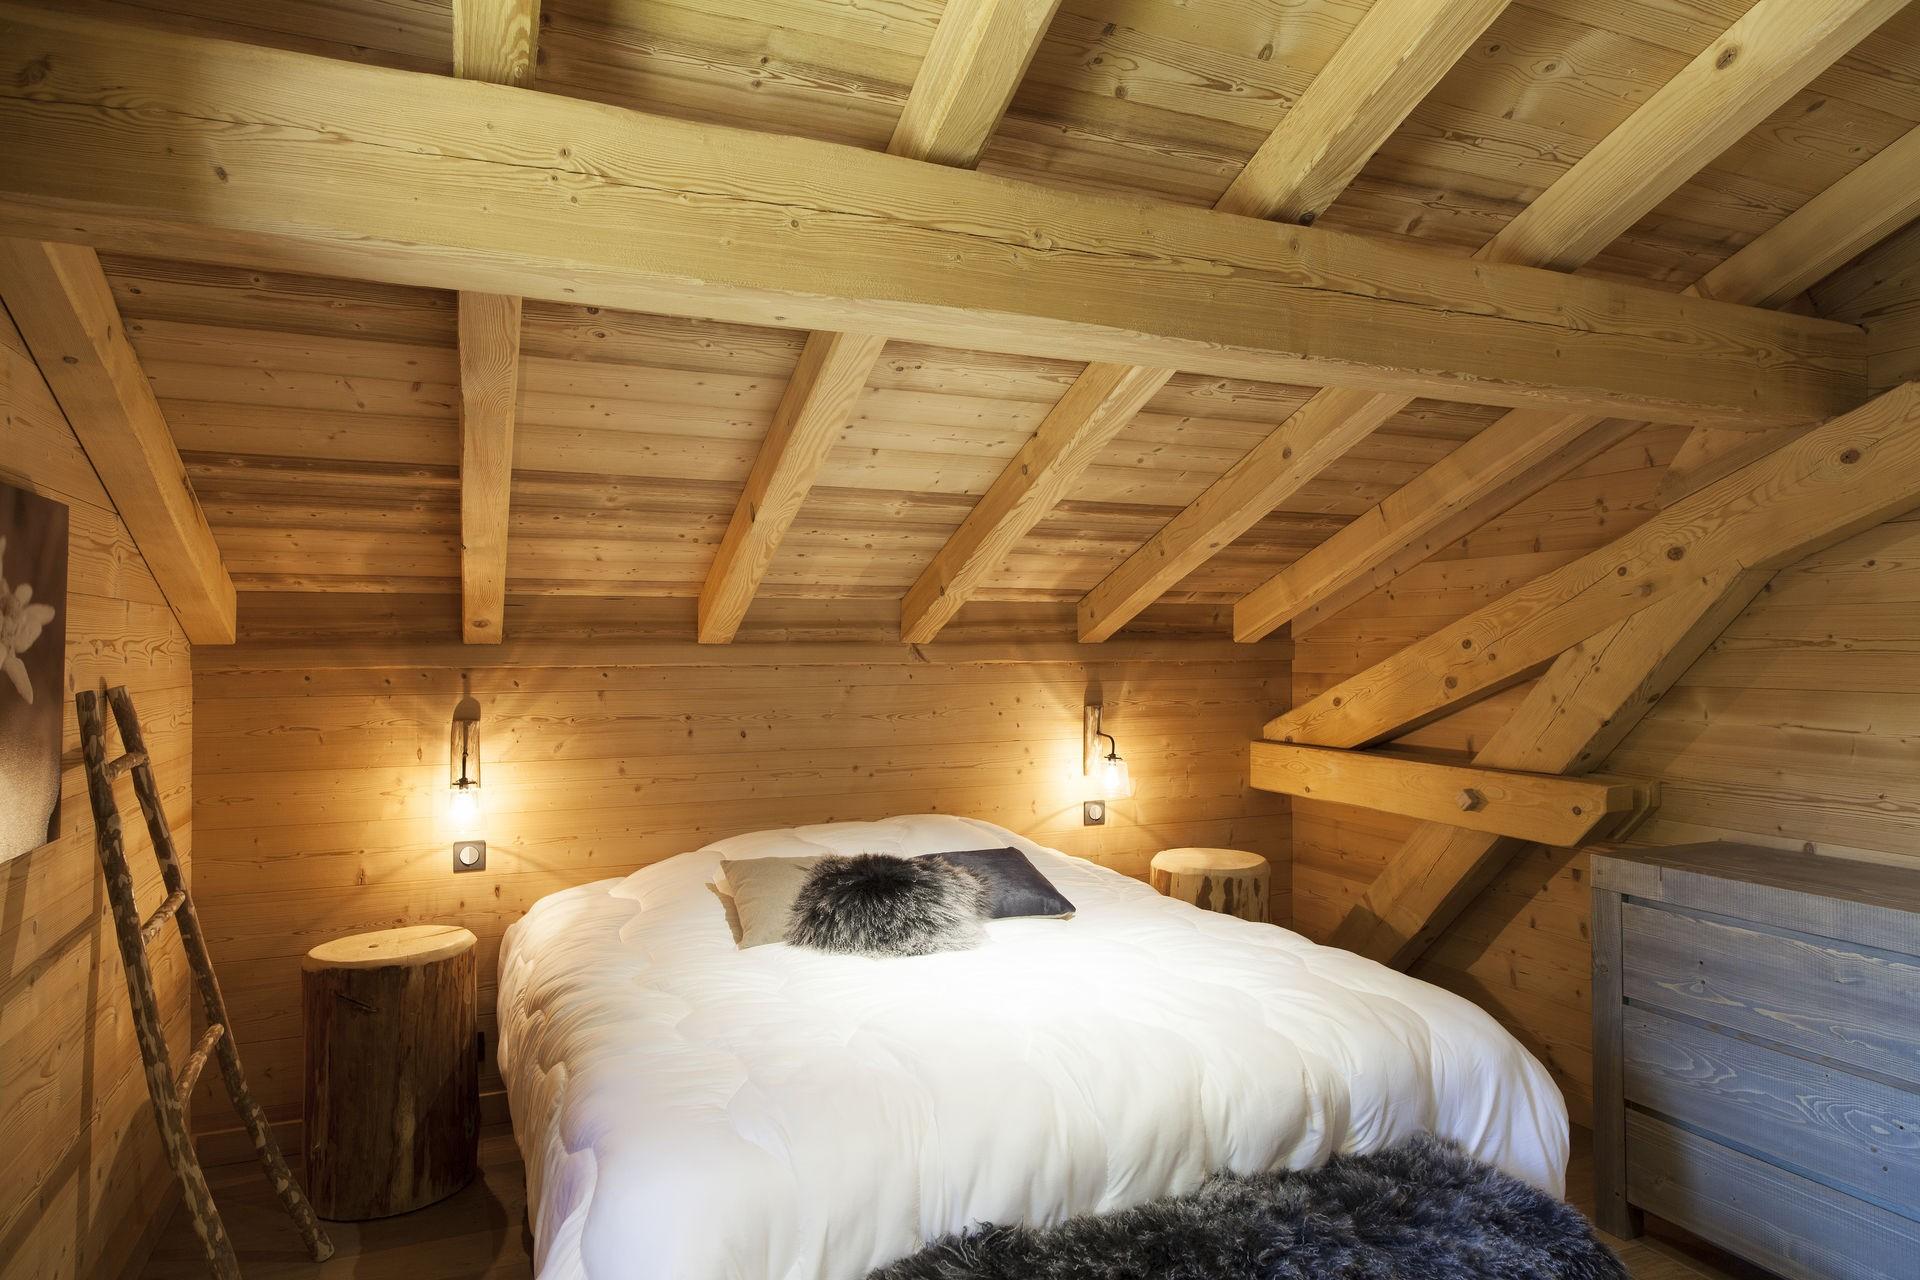 Chamonix Luxury Rental Chalet Cristy Bedroom 2